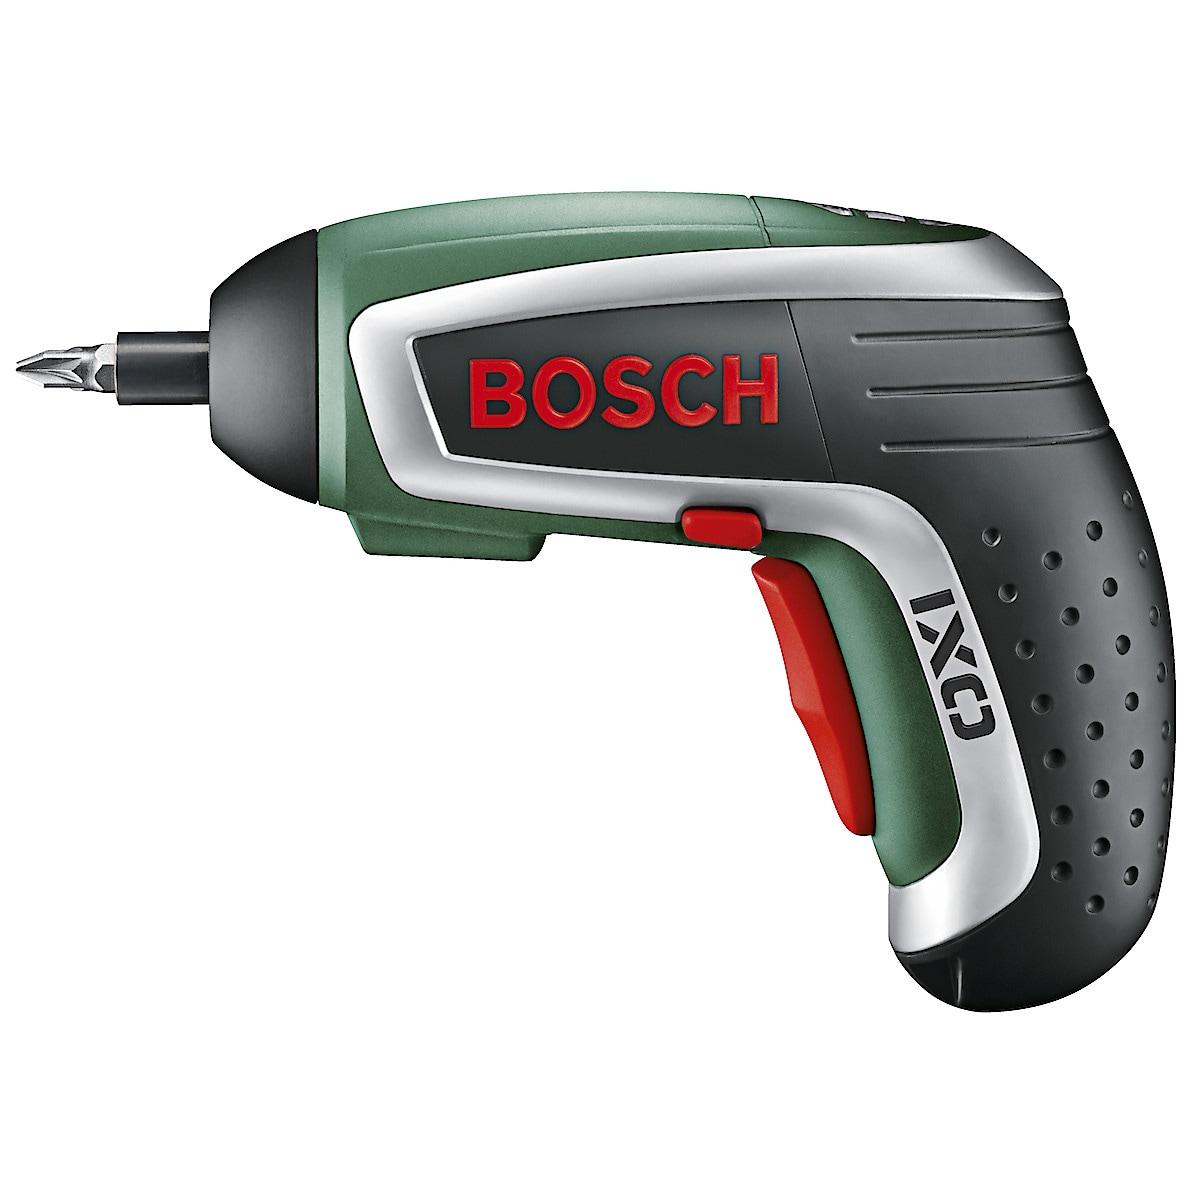 Skruvdragare Bosch IXO IV